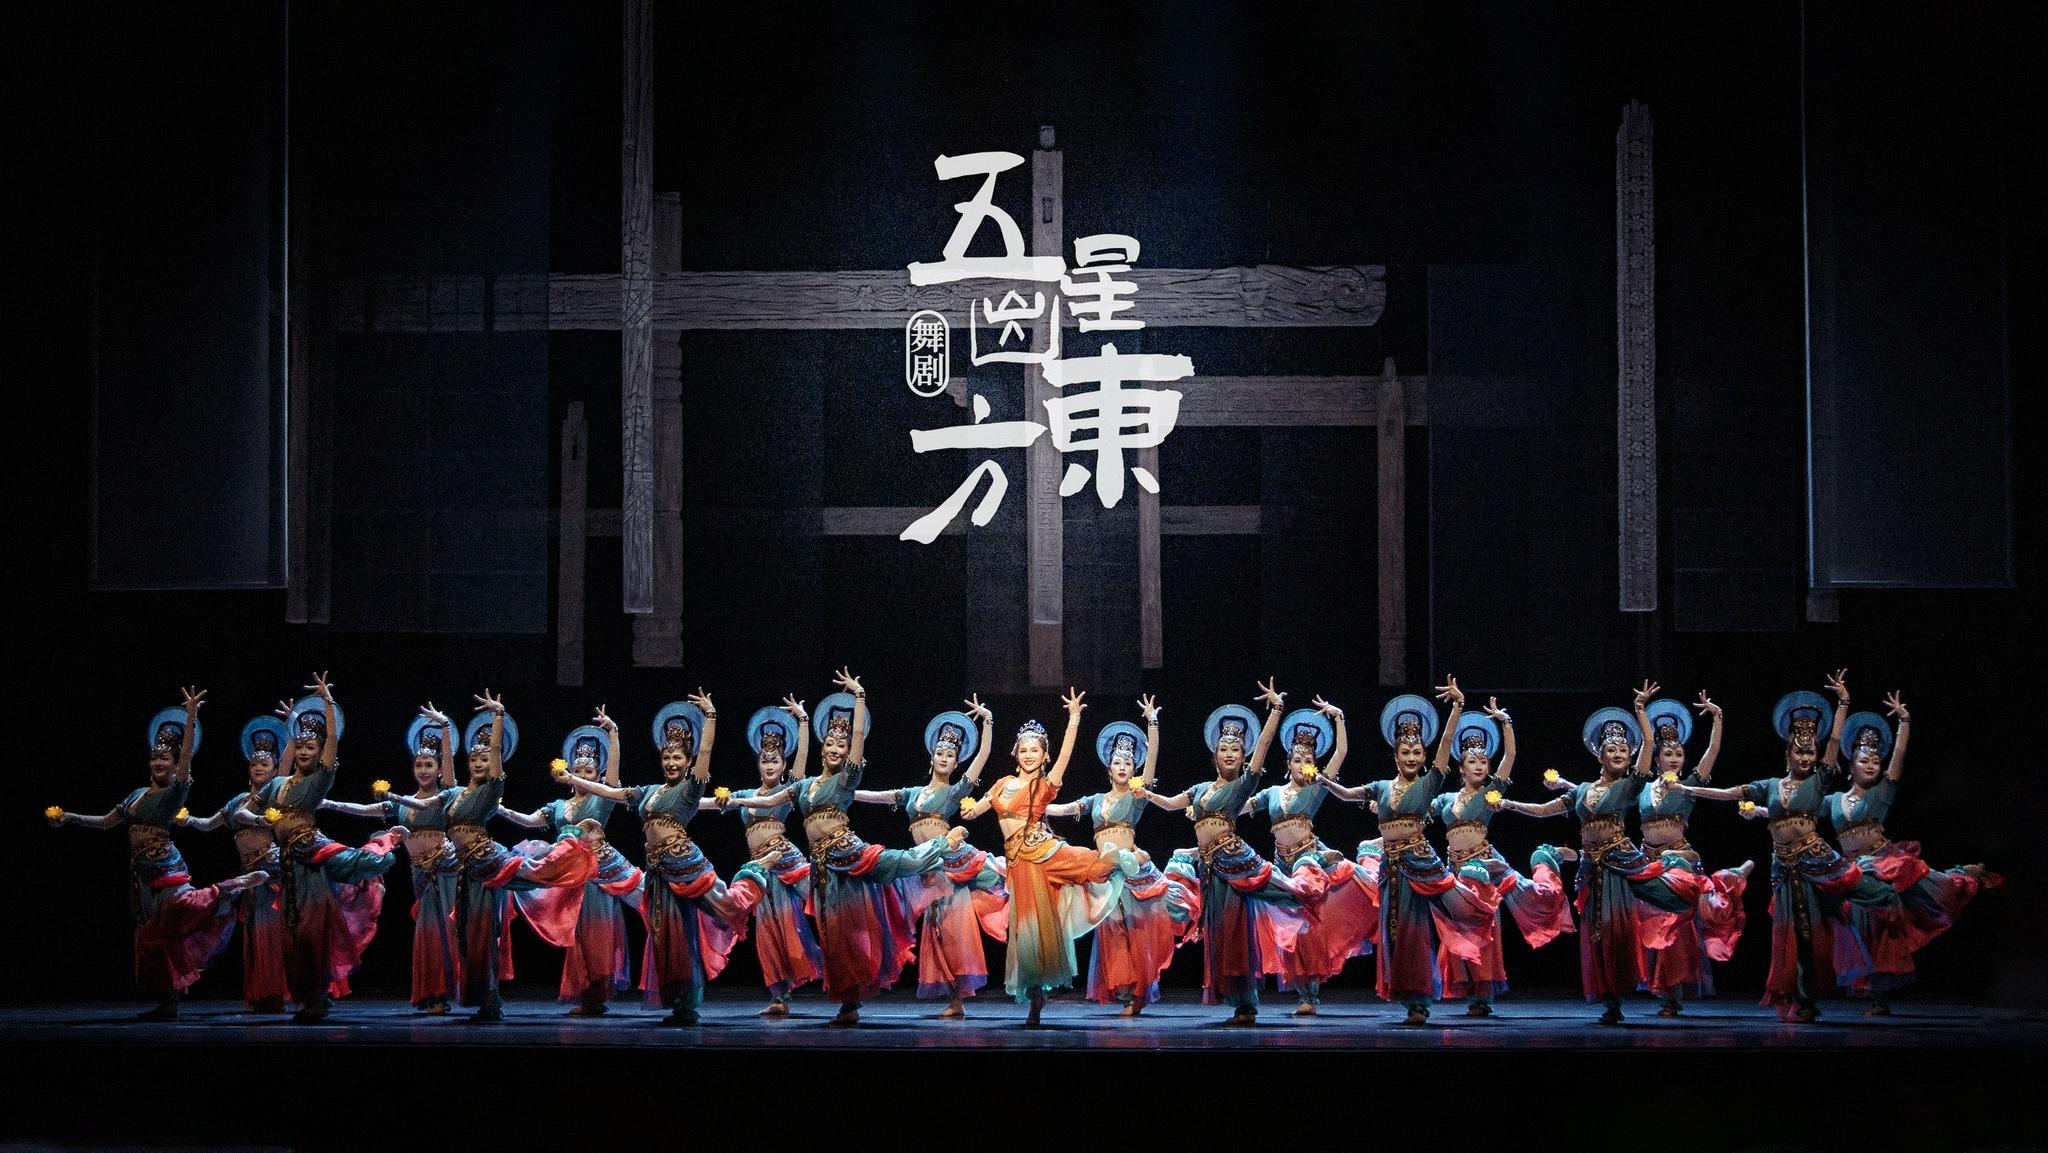 舞剧《五星出东方》讲述一件文物背后的民族团结故事